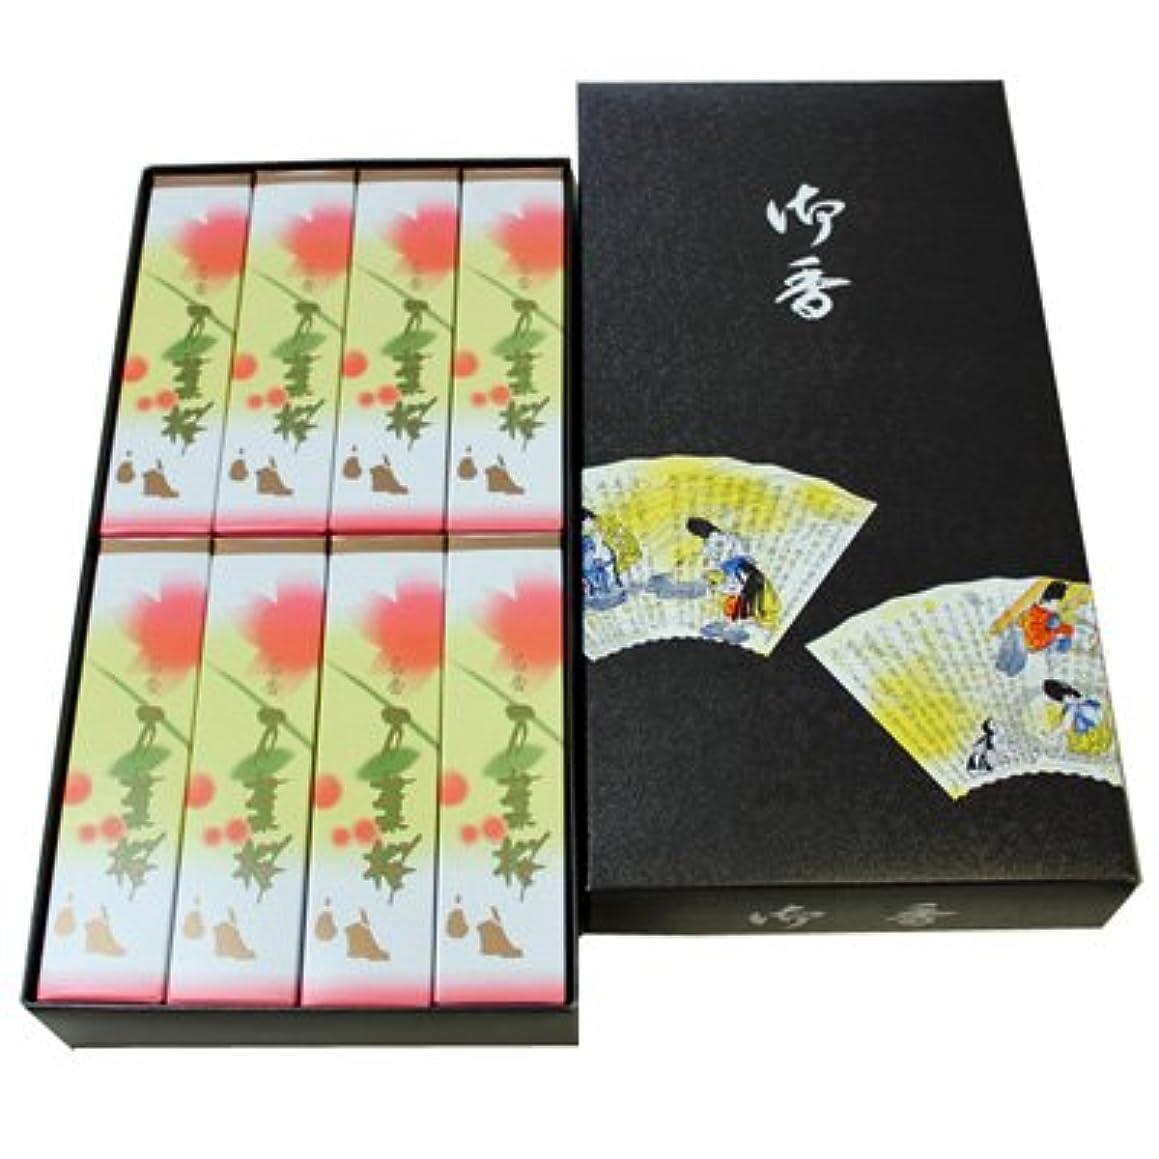 損なうギャング世界記録のギネスブック万葉桜セット 贈り物用 贈答用 ギフト用 お線香